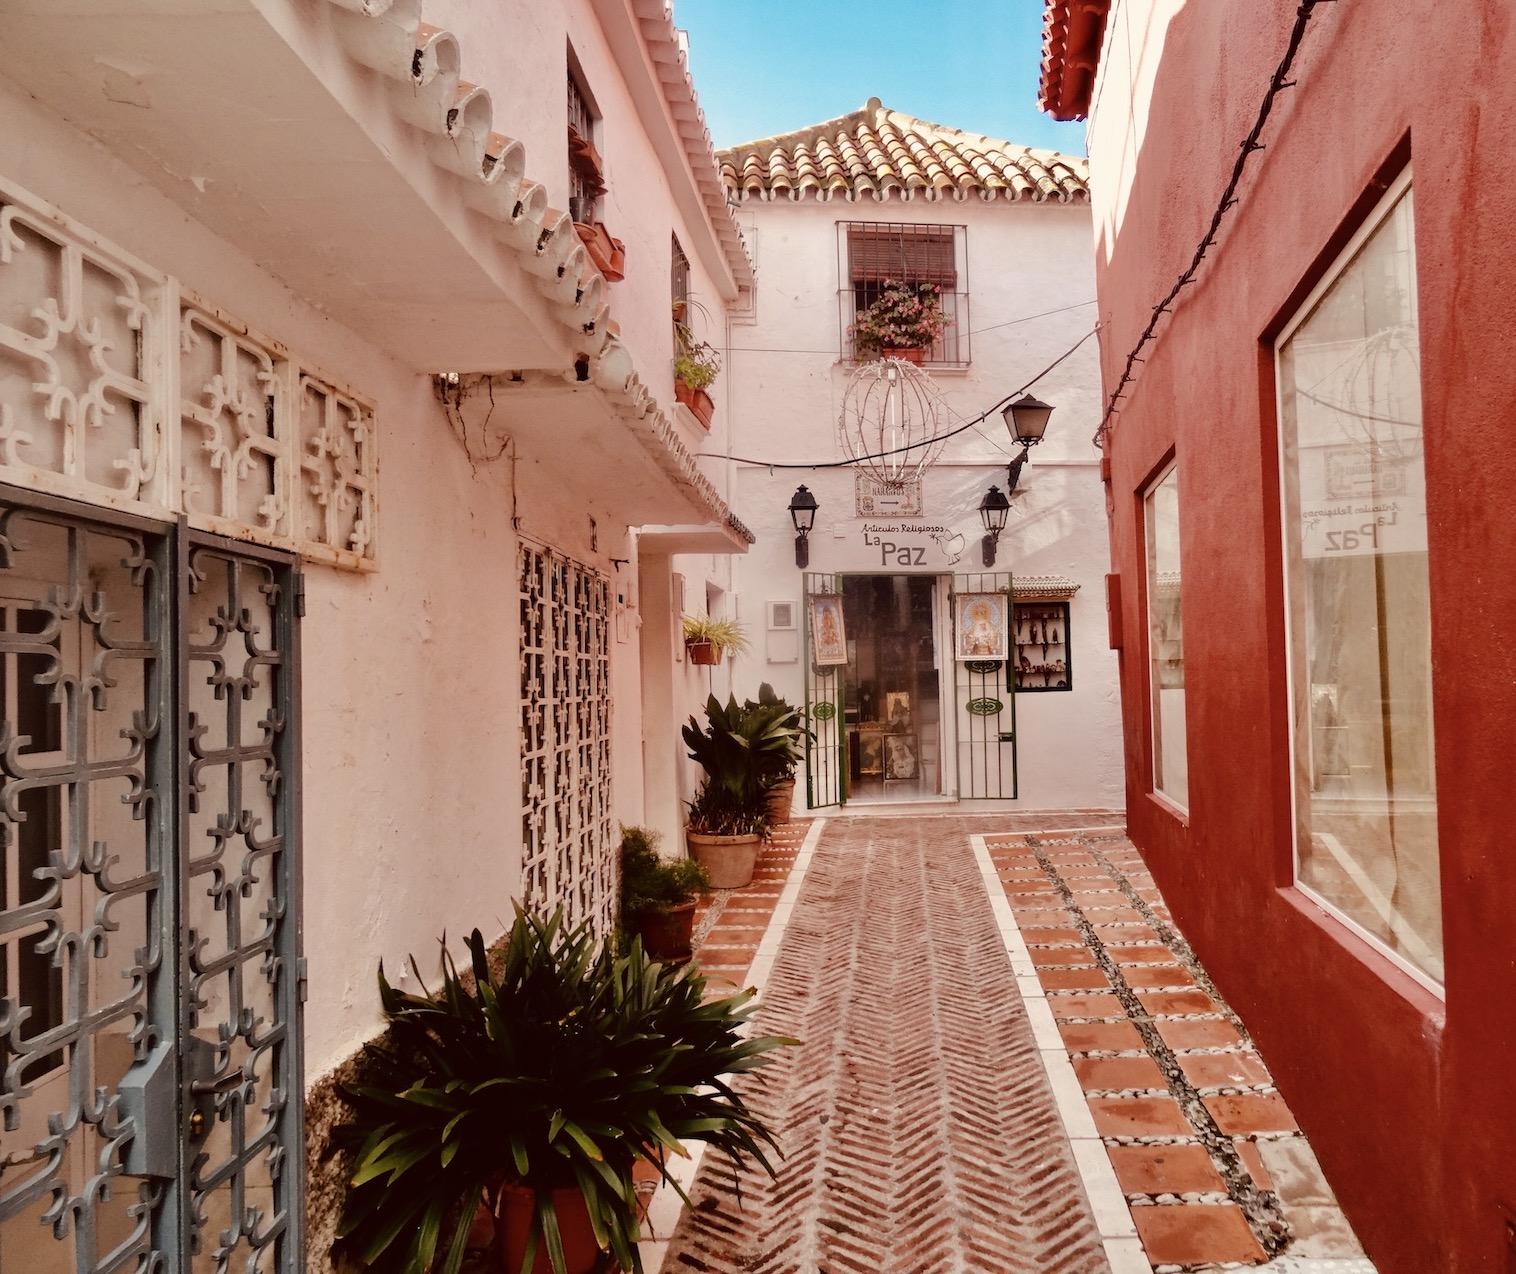 La Paz Religious Shop Marbella.